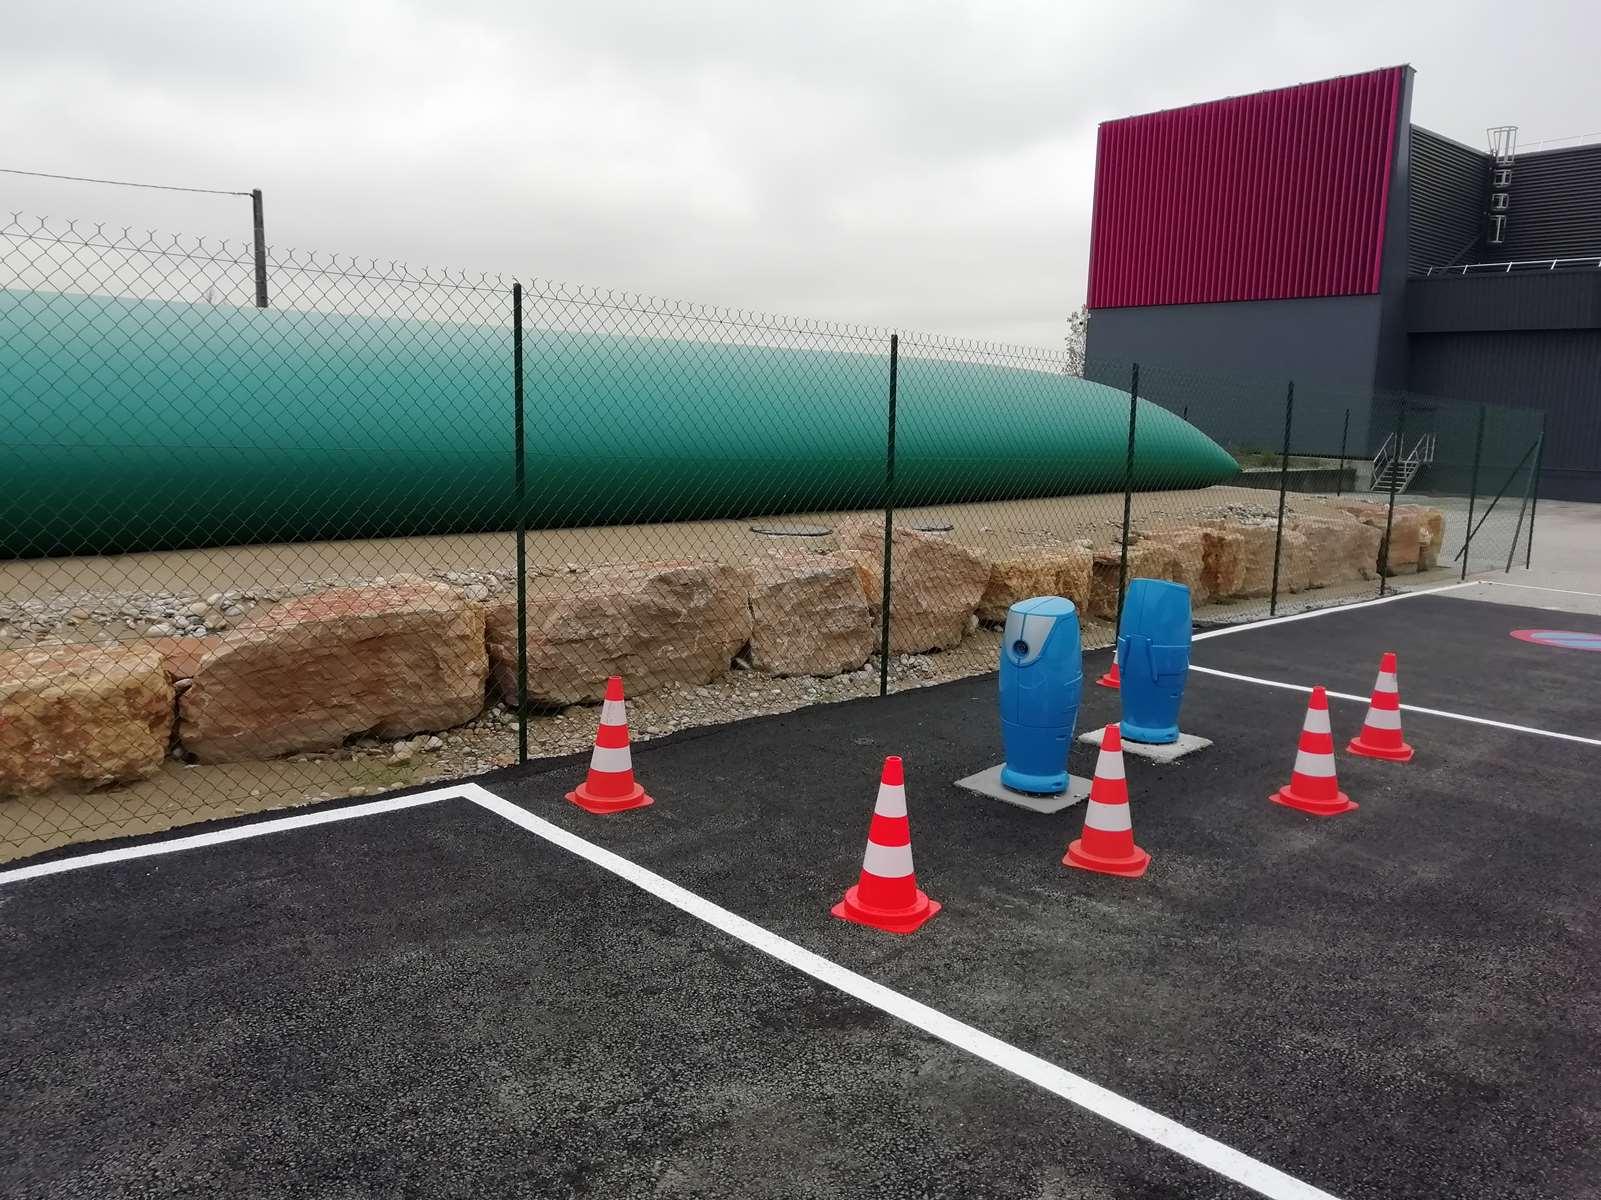 poteaux d'aspiration branchés à une citerne souple site logistique vente privée à Montluel dans l'Ain près de Lyon